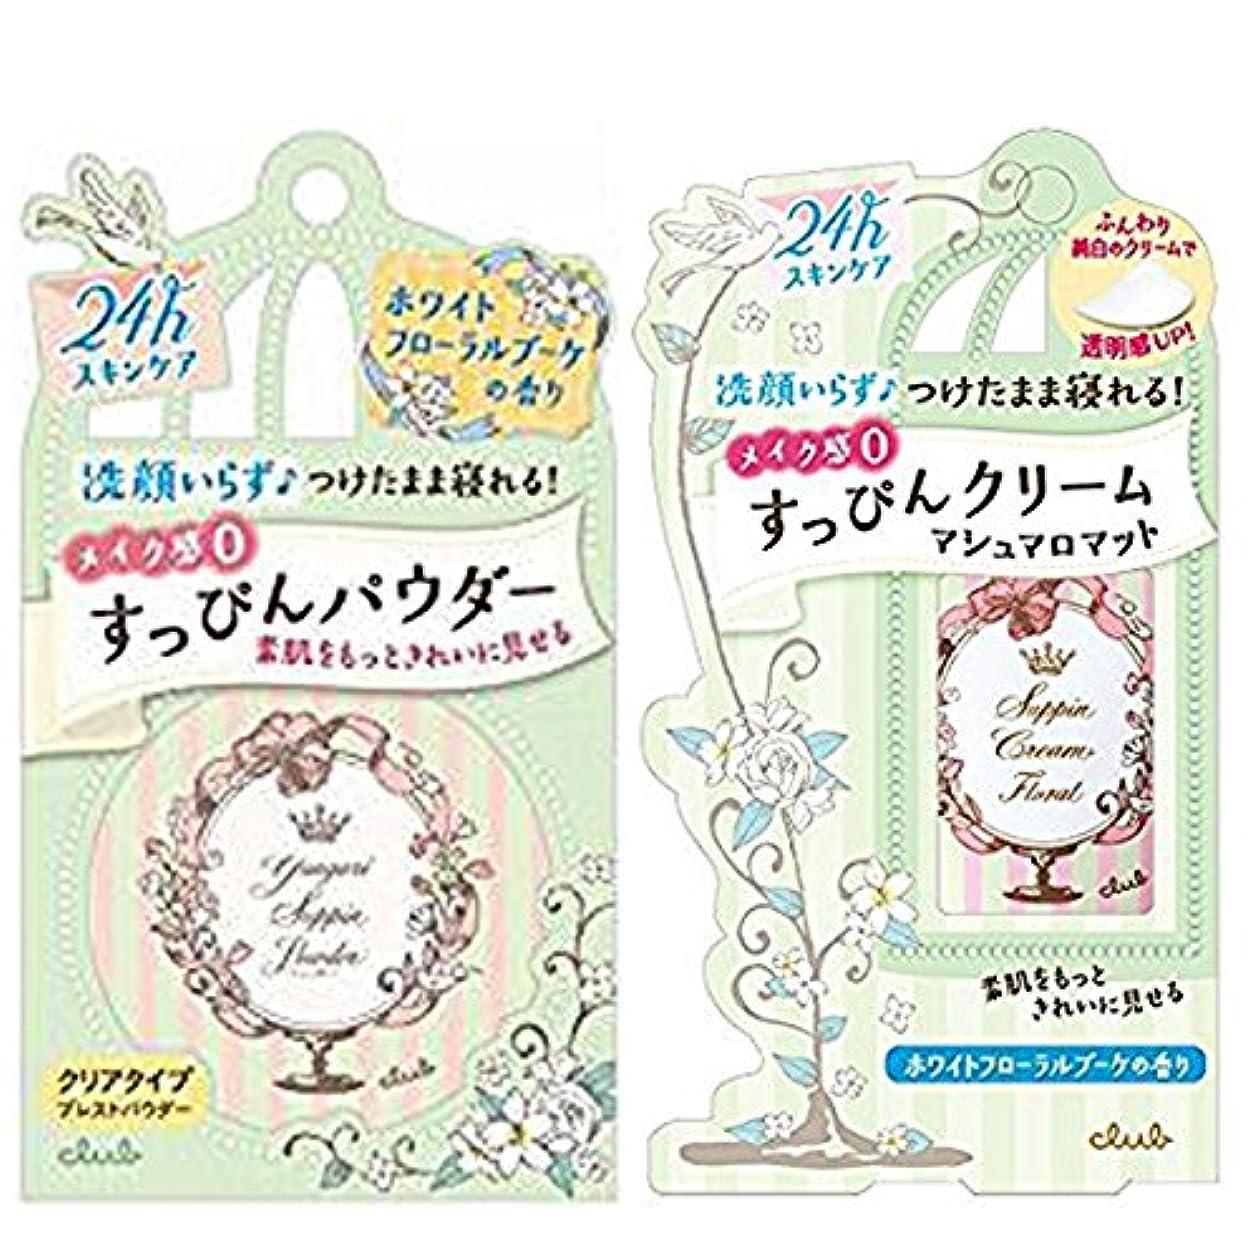 スパークゴールデンクランプクラブすっぴんクリーム&すっぴんパウダー セット (ホワイトフローラルブーケの香り)